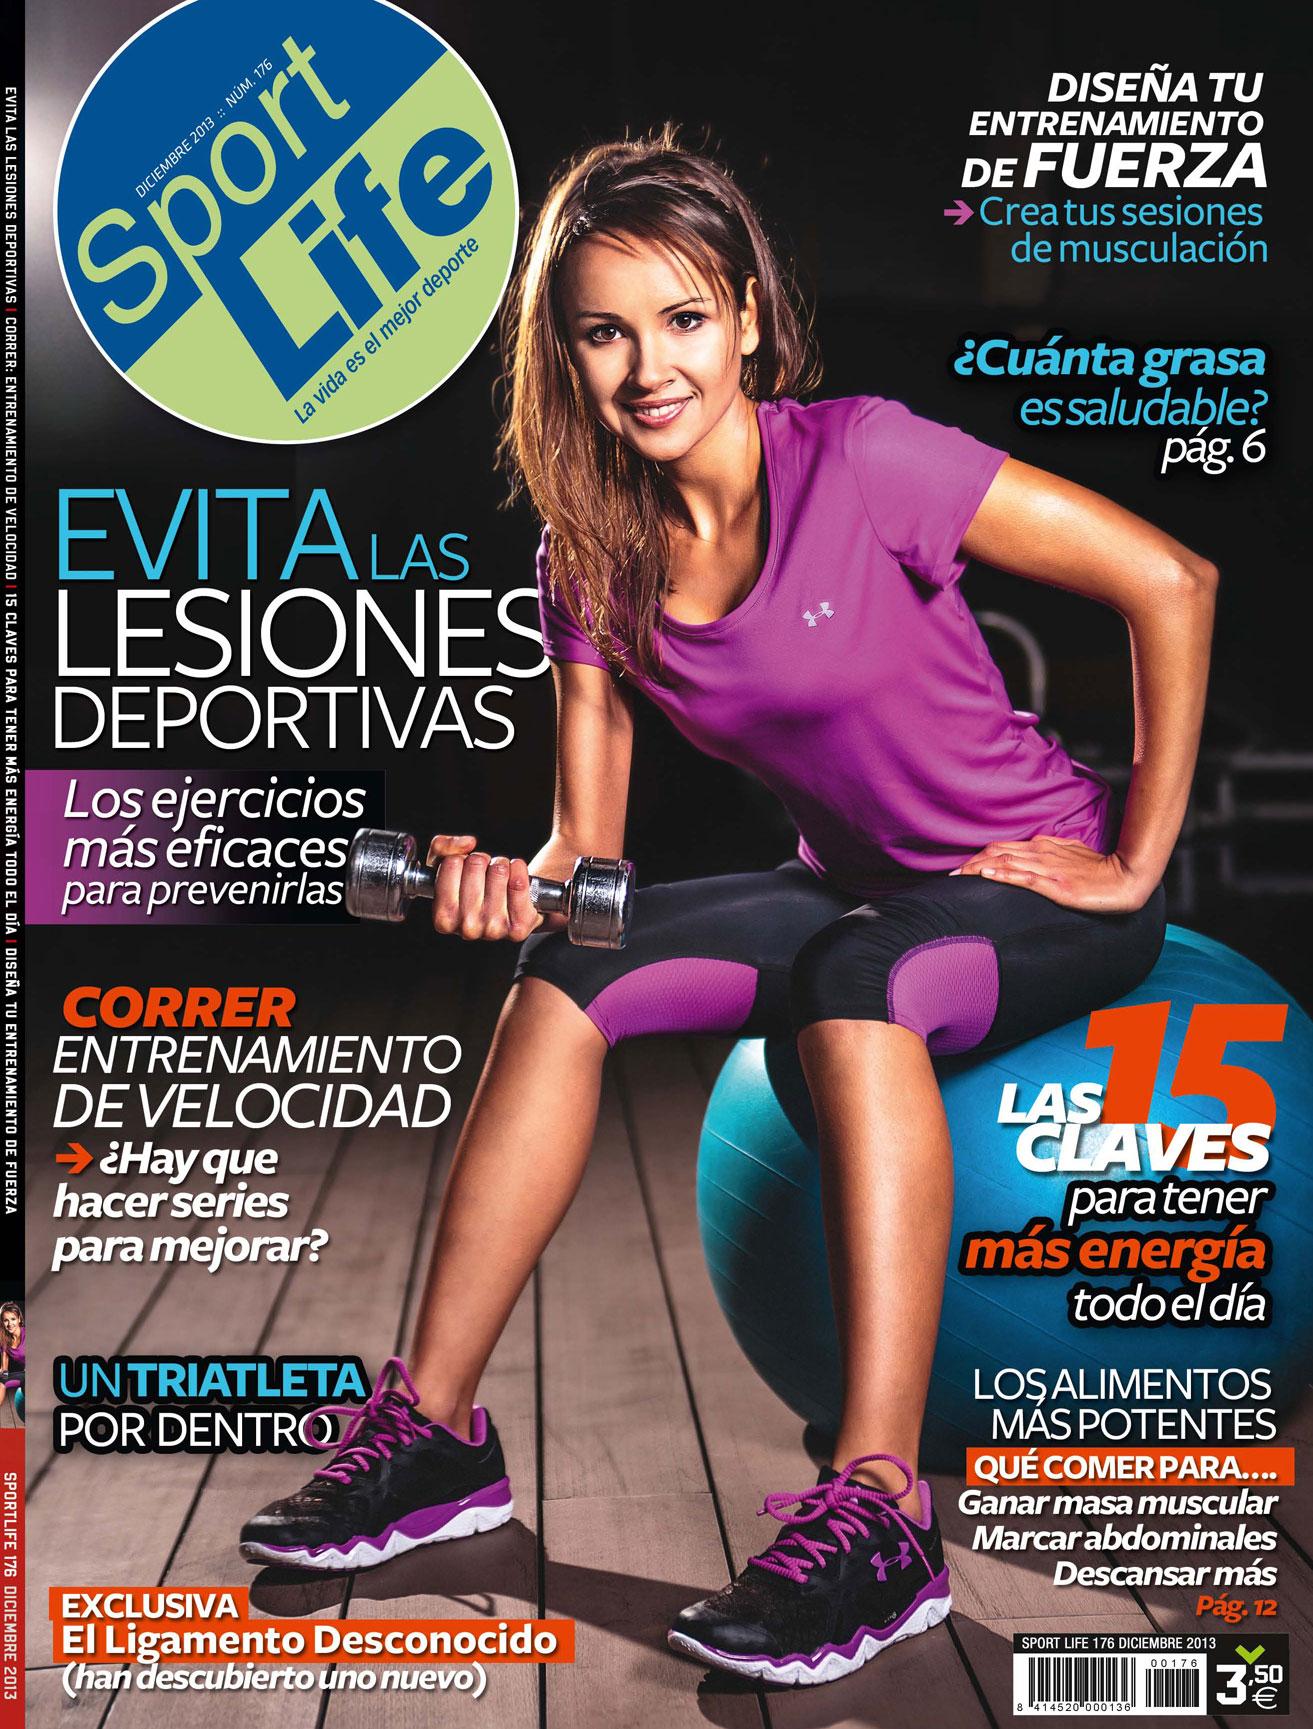 Sumario Sport Life 176 Diciembre 2013